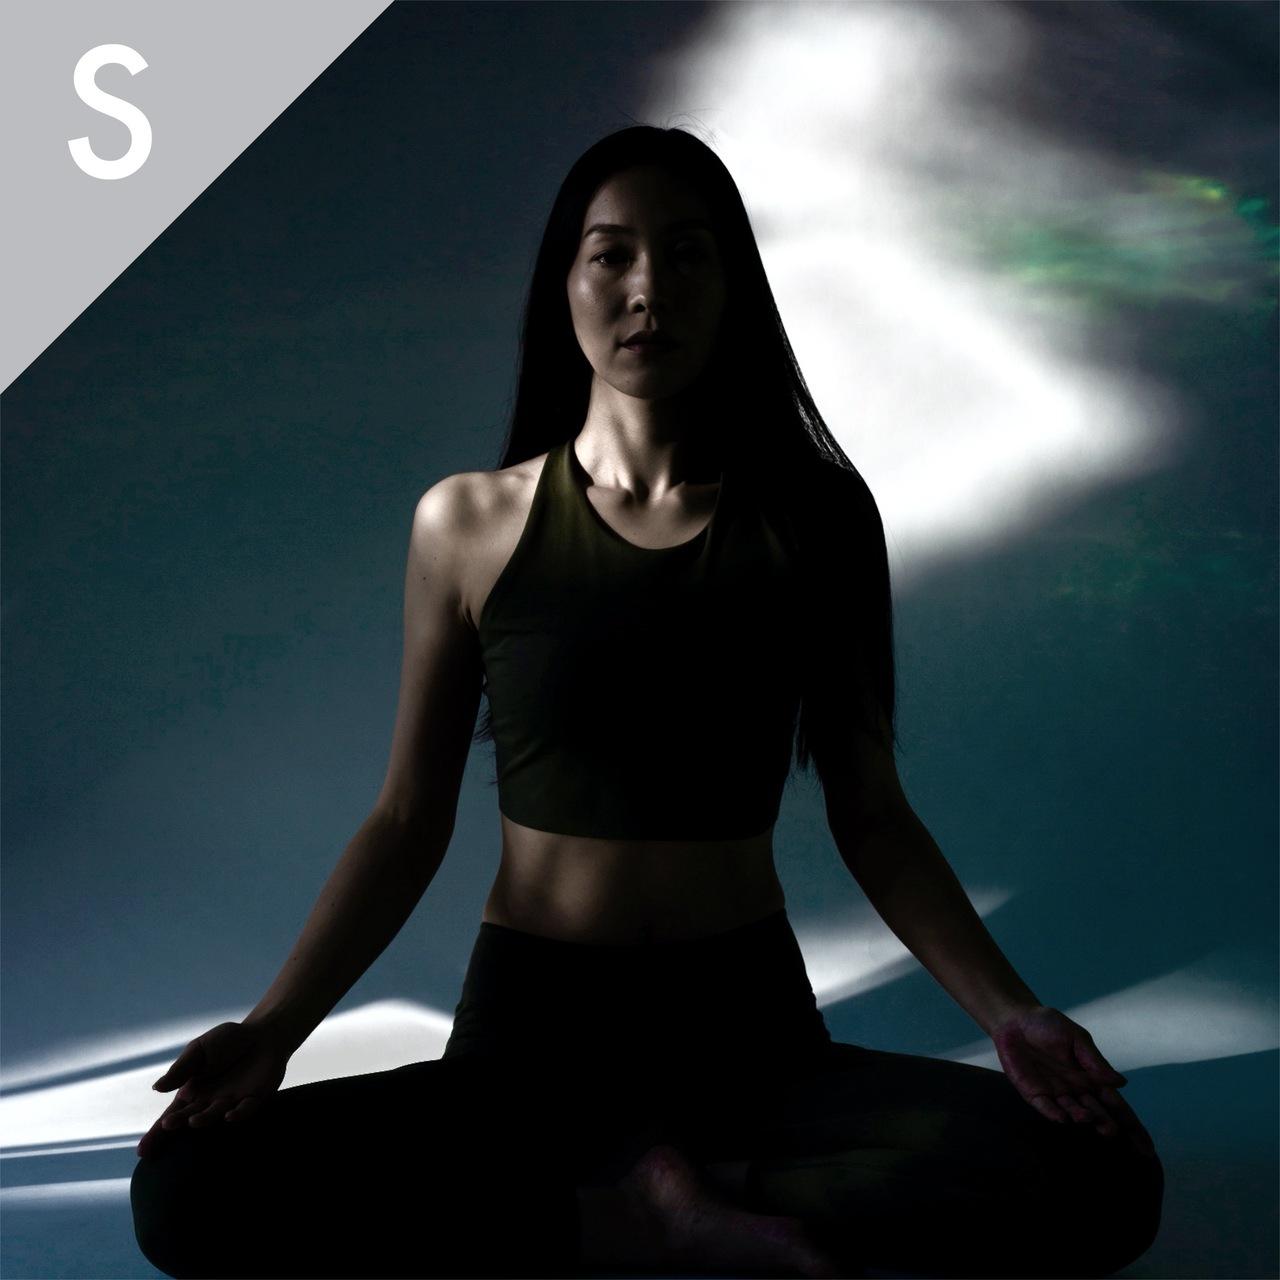 おやすみ前瞑想と呼吸 by 渡部累